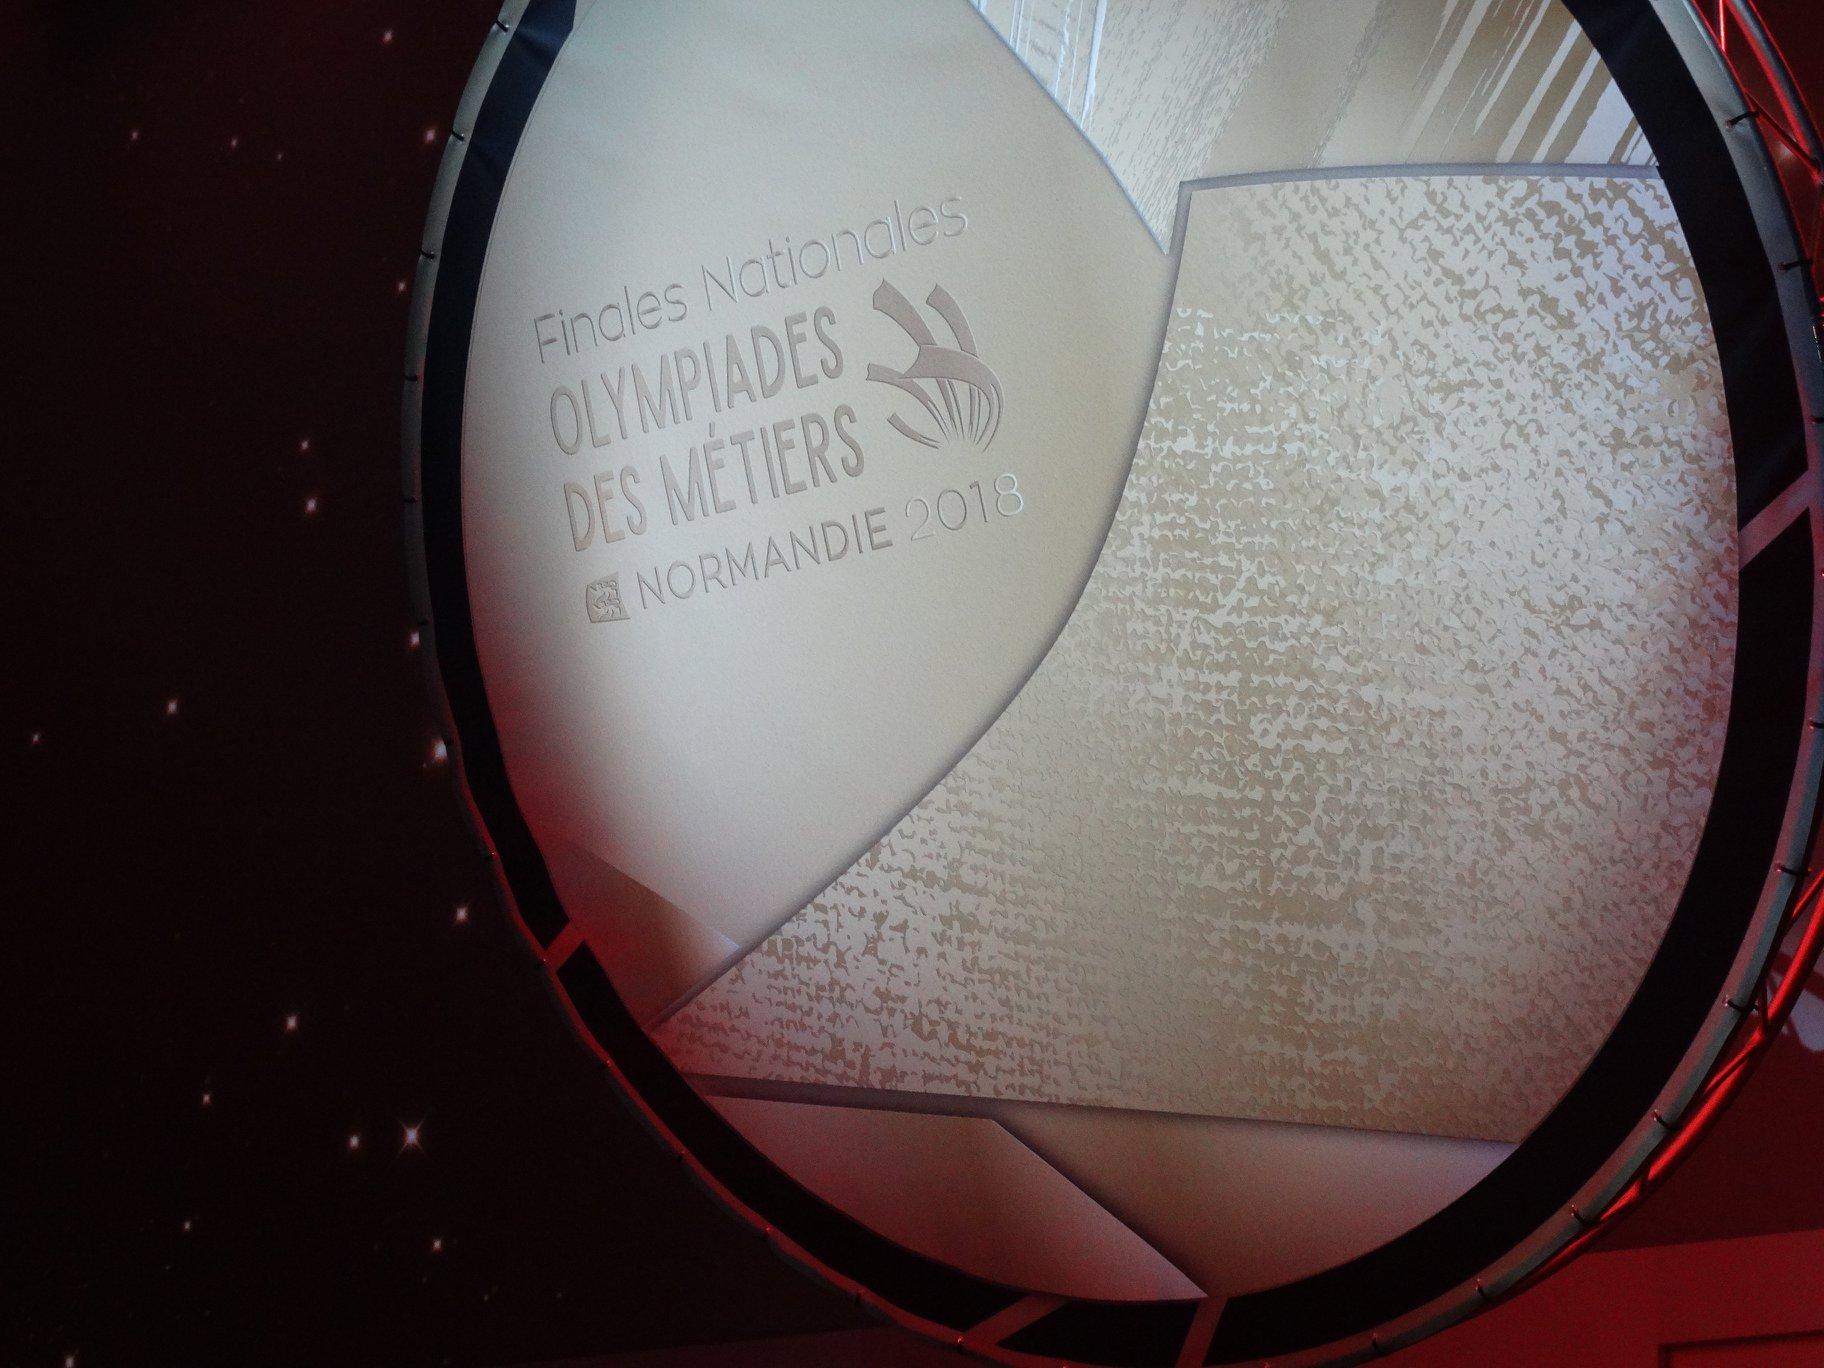 45èmes Olympiades des Métiers à Caen, les résultats complets